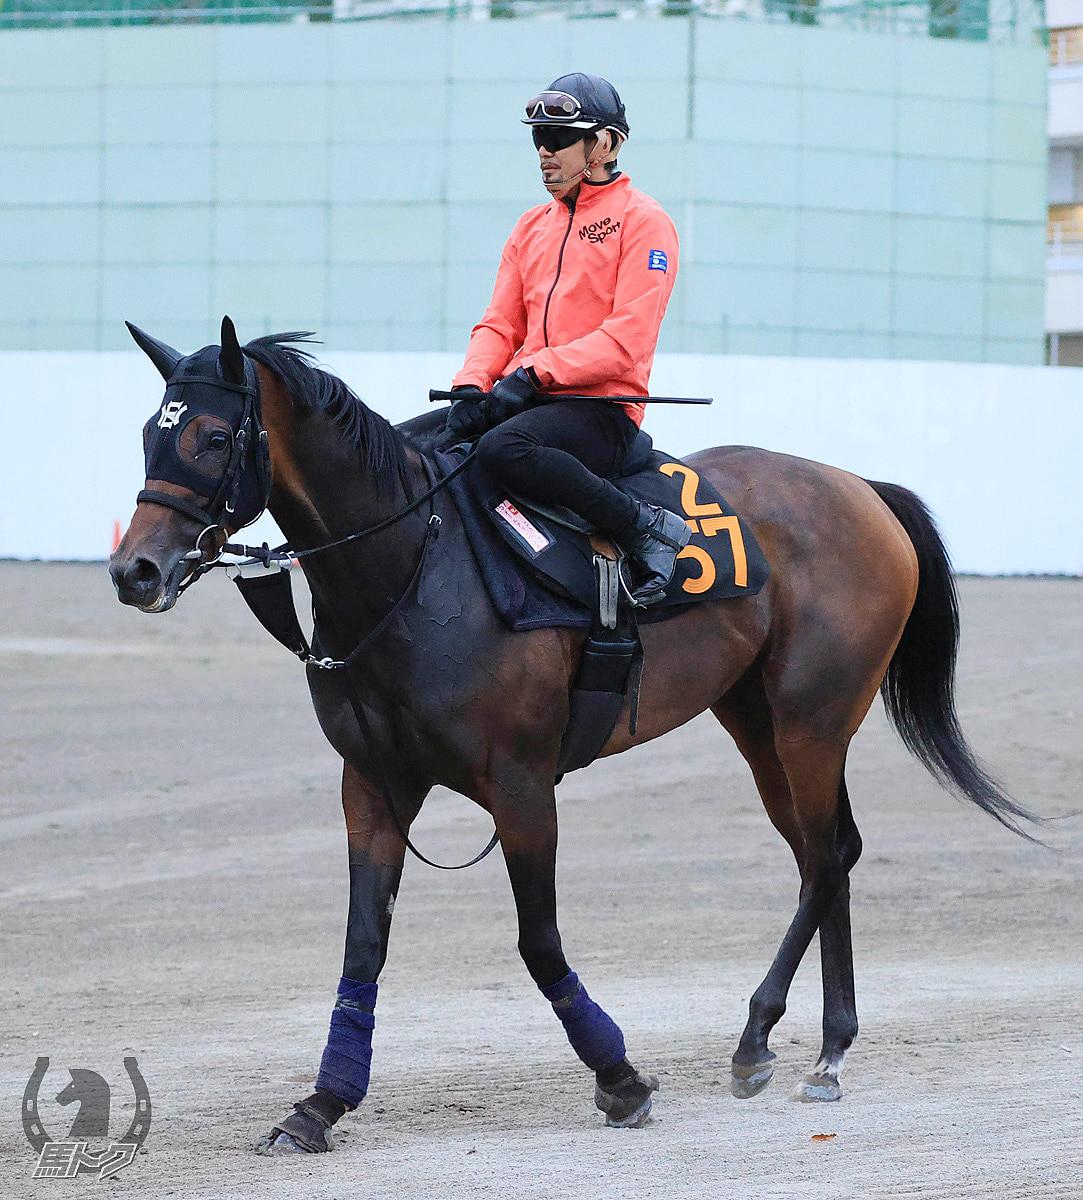 オールアットワンスの馬体写真